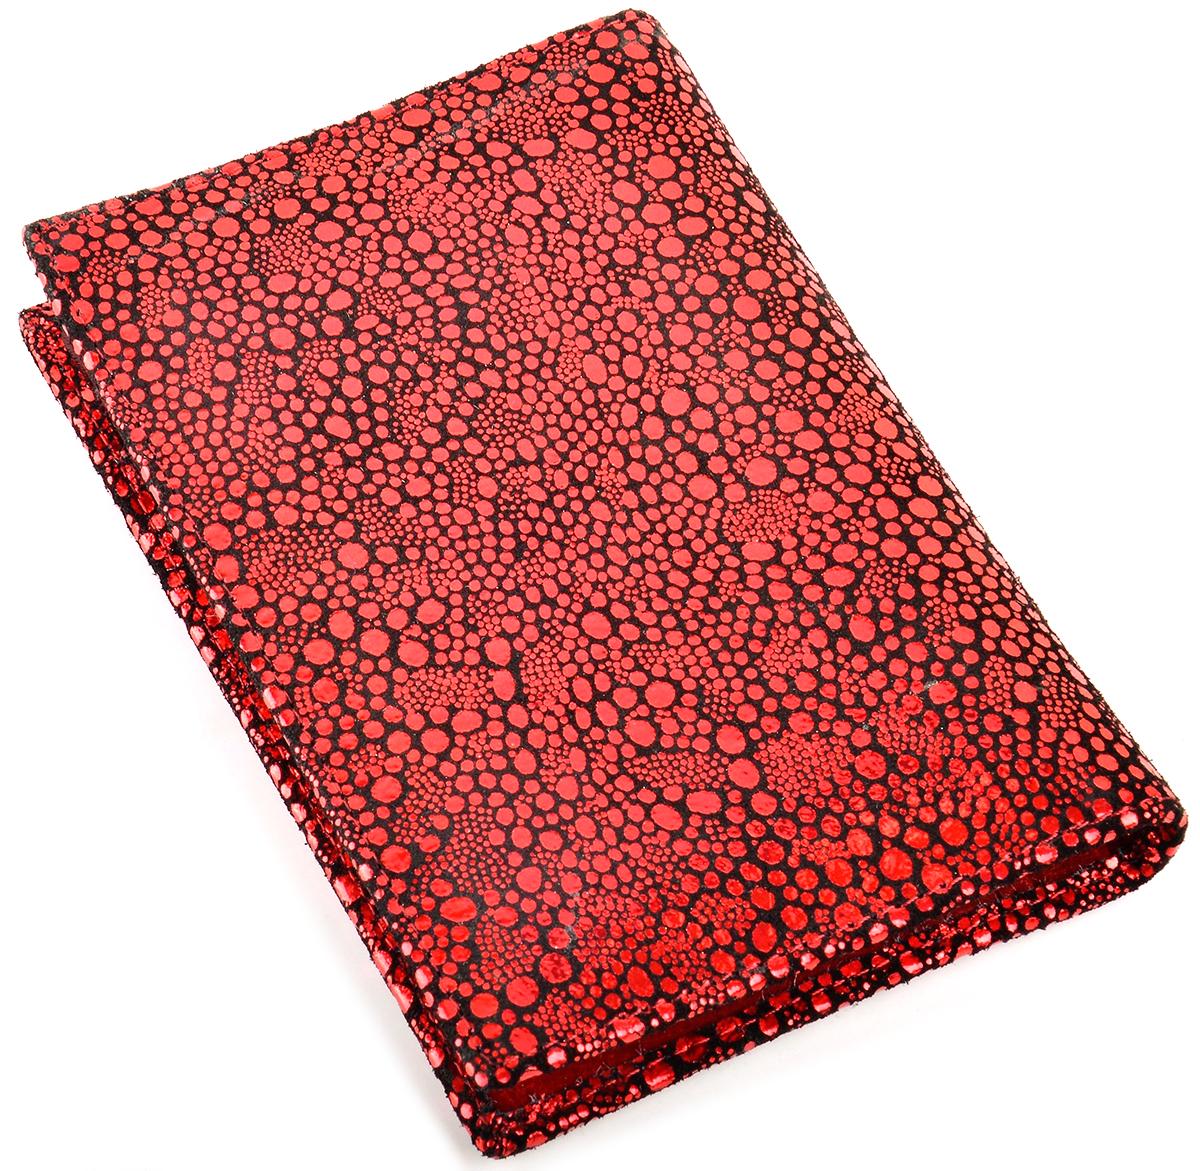 Обложка для автодокументов женская Topo Fortunato, цвет: красный. TF 724-092АTF 724-092АОбложка на автодокументы натуральная кожа. Бренд Topo Fortunato. Размер 9,5х13,3 см. С левой стороны кожаный захват, два кармашка для пластиковых карт, прозрачное окошко для пропуска, с правой стороны пластиковый захват. Вкладыш для автодокументов.